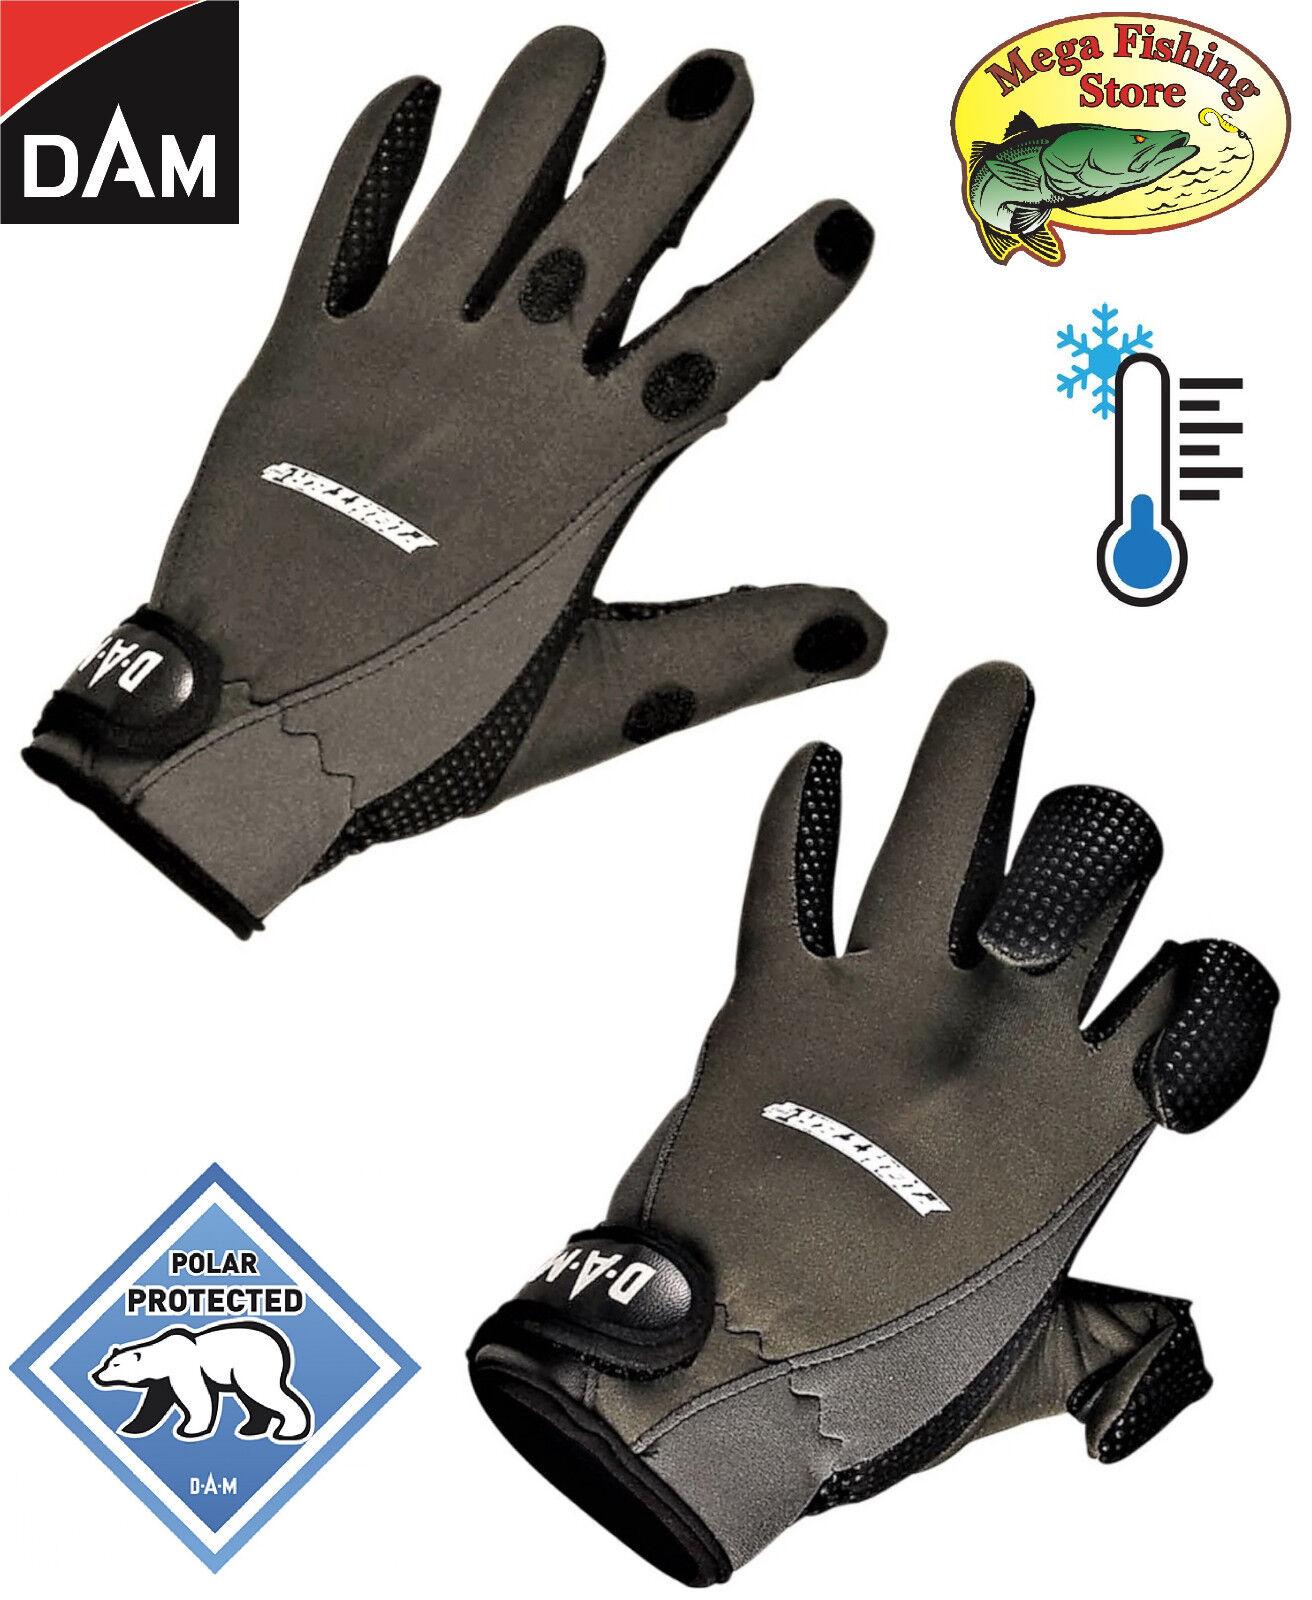 DAM Fighter Pro+ Neopren Handschuhe - Thermo Outdoor Anglerhandschuhe Angeln